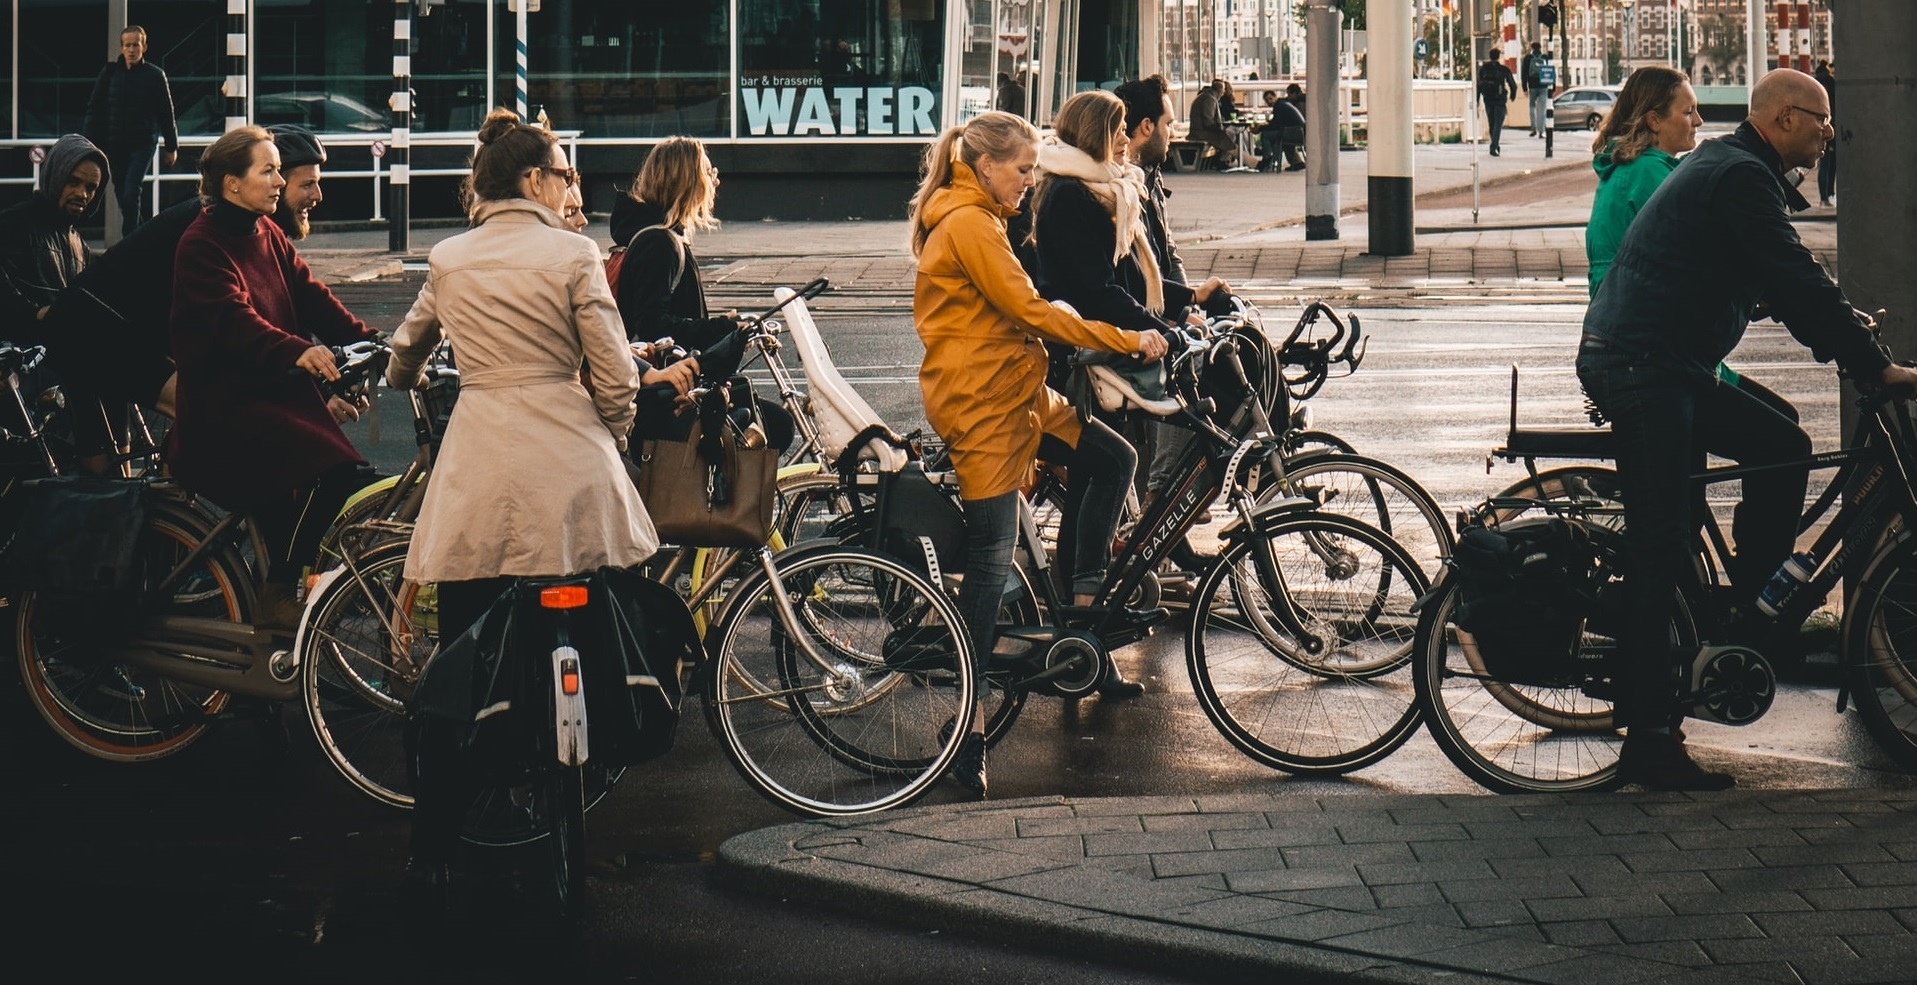 Guvernul olandez nu recomandă cetățenilor să poarte mască